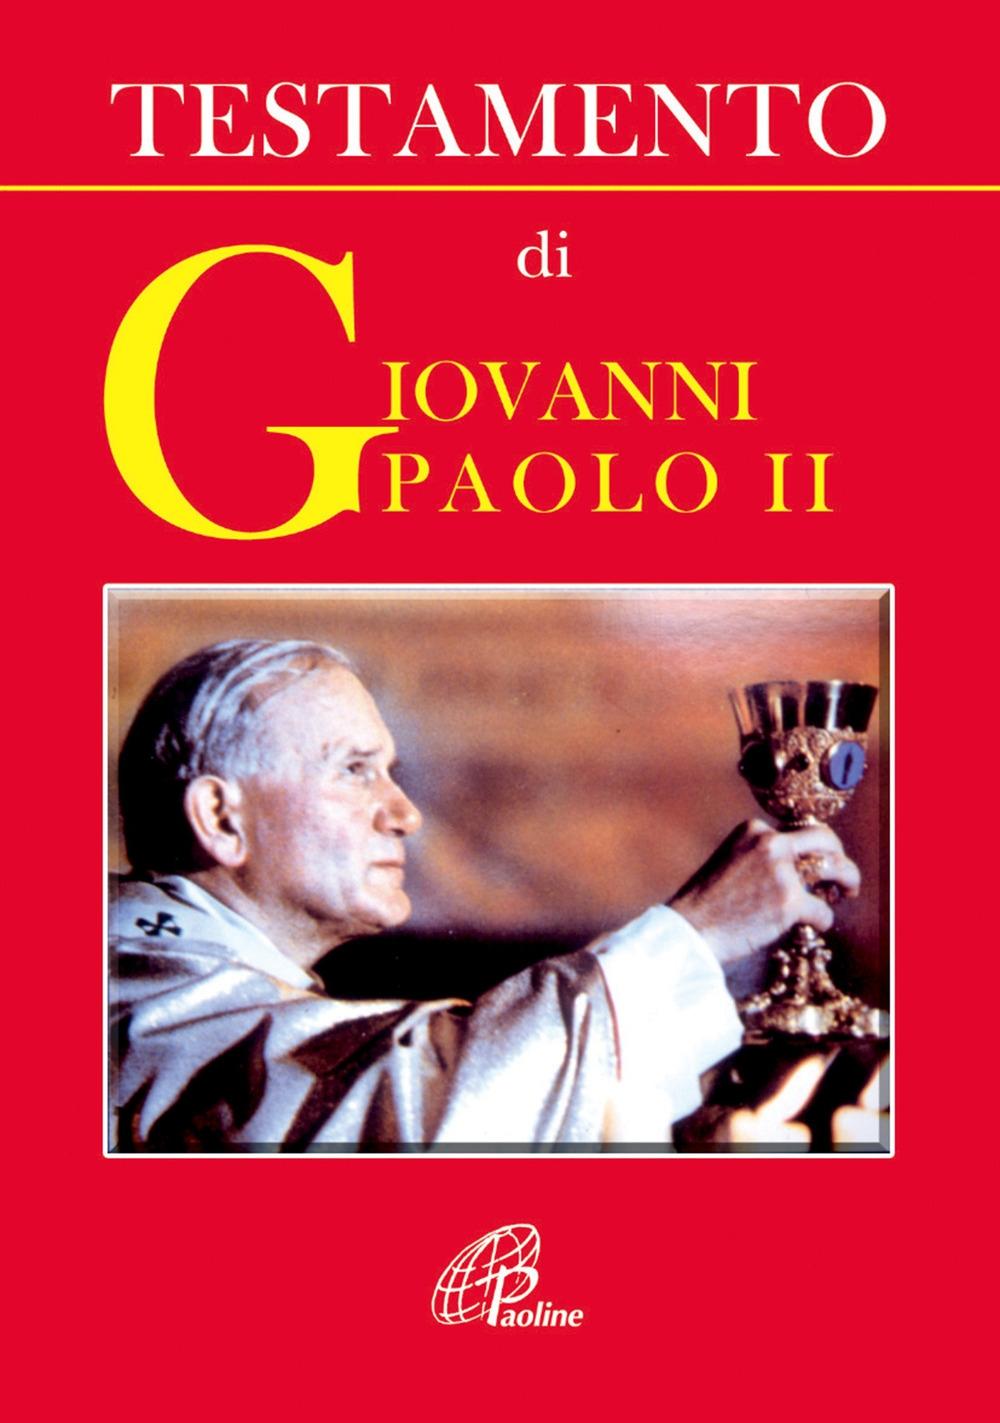 Testamento di Giovanni Paolo II